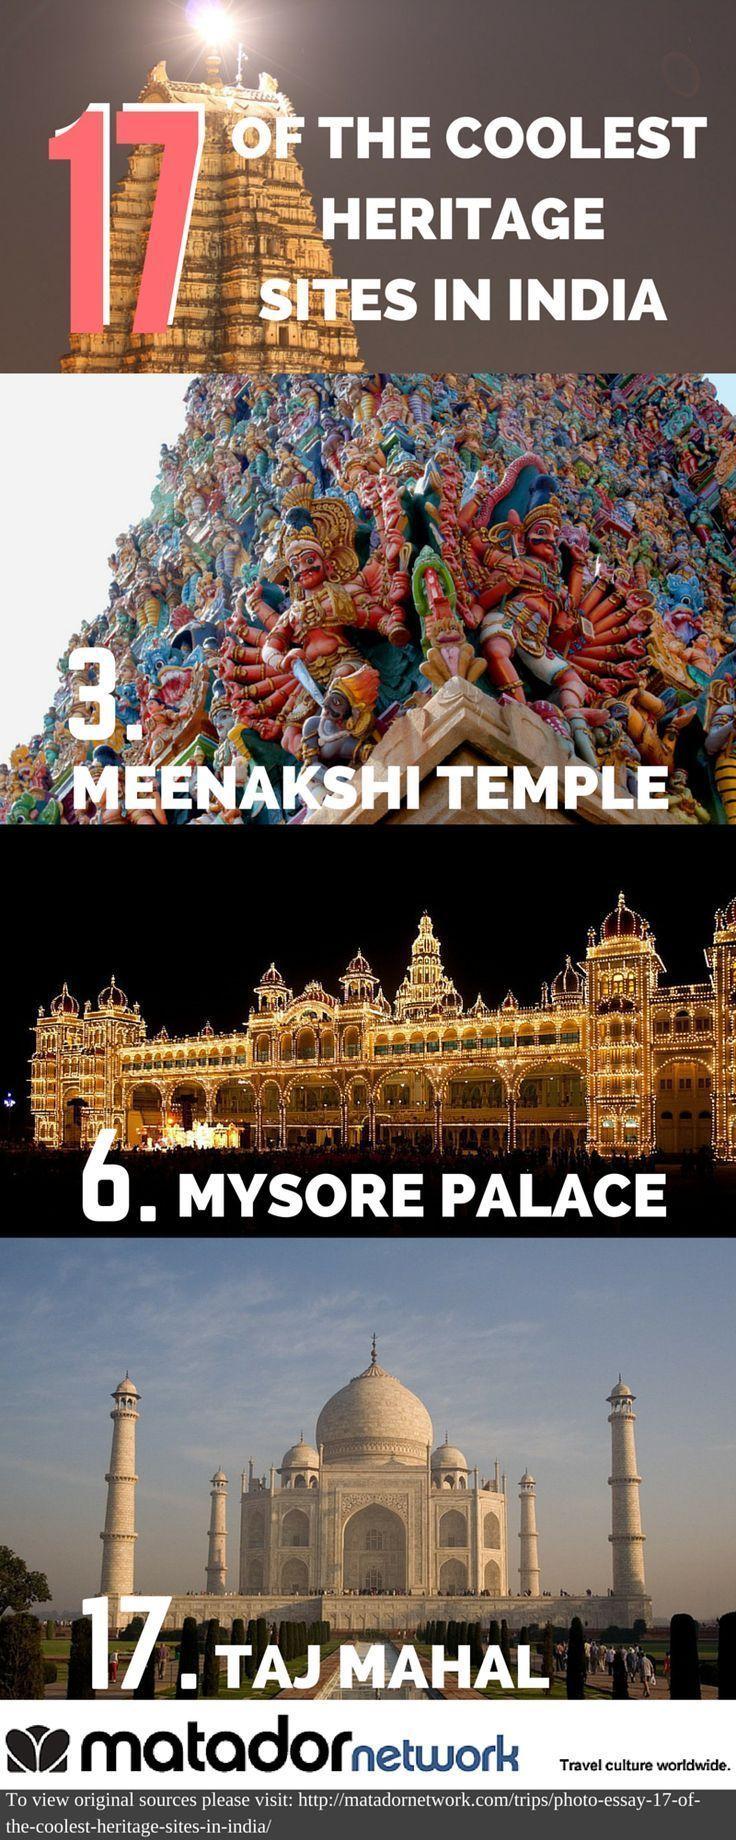 Descubre 17 de los sitios del patrimonio más frescas en la India como el templo de Meenakshi en Madurai, Palacio de Mysore en el sur de la India y, por supuesto, el Taj Mahal. Ubicado en 17 accediendo en el pasador